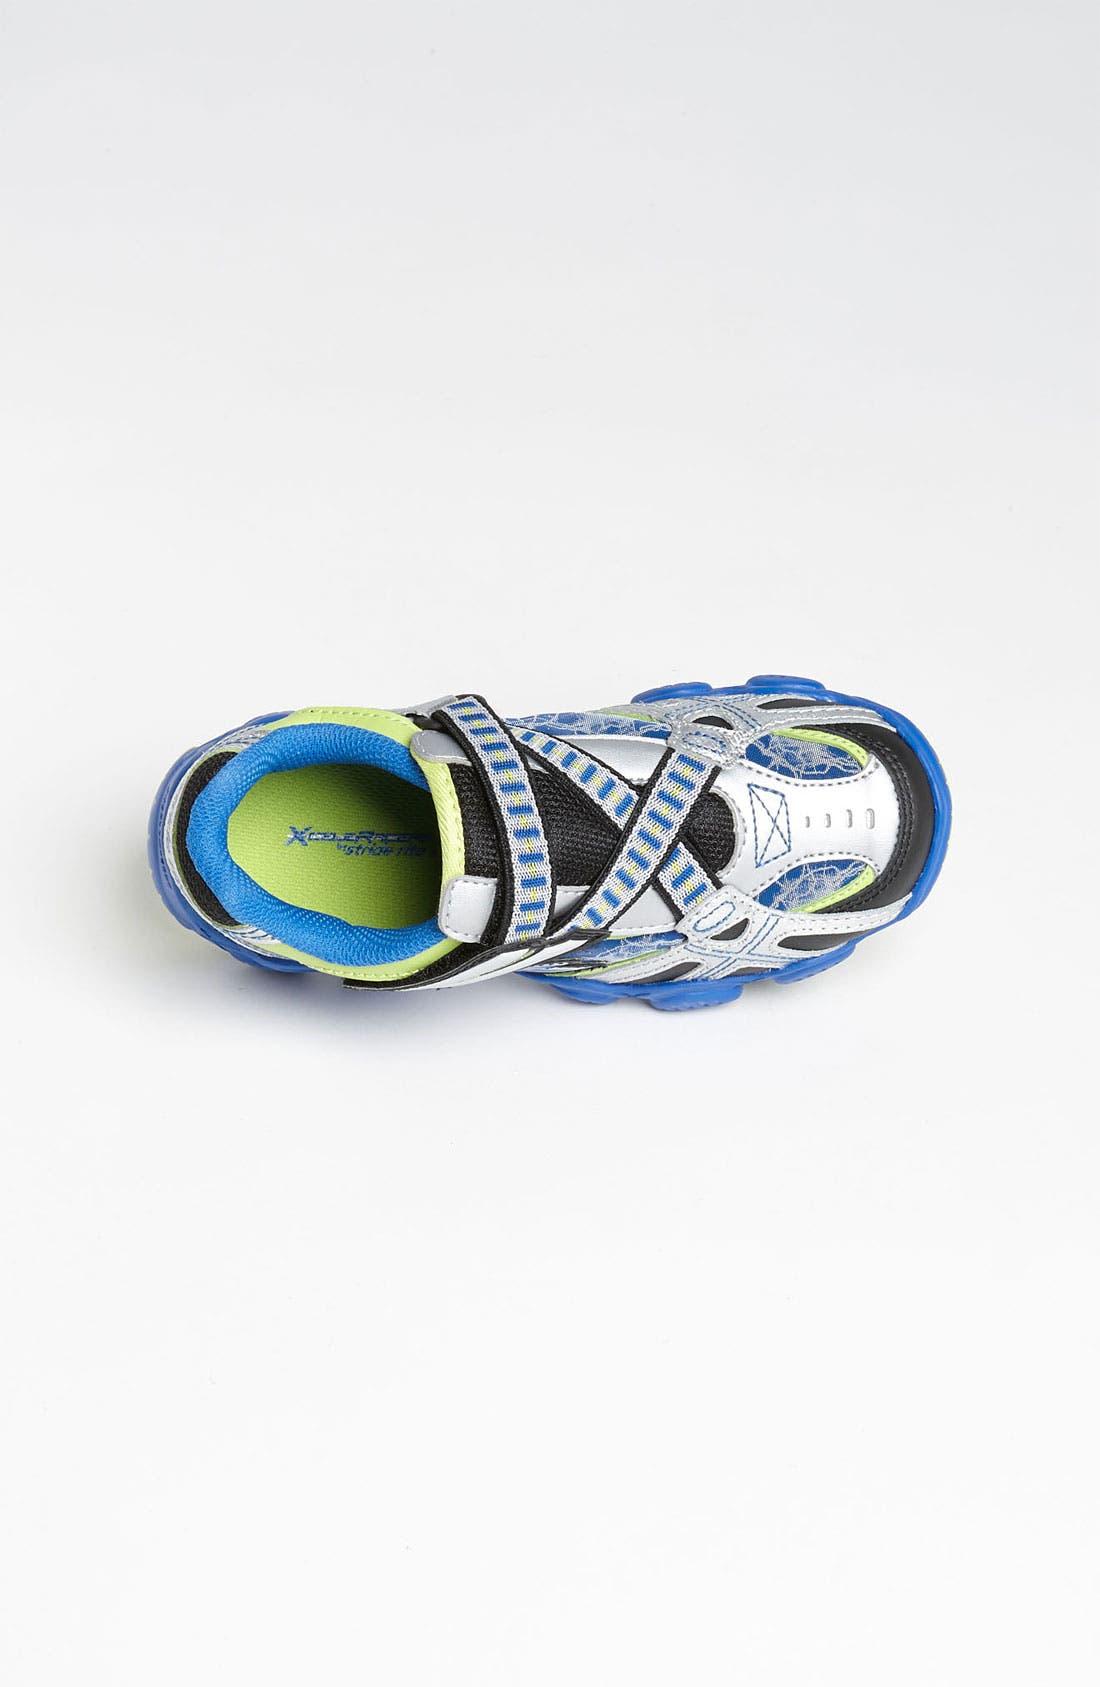 Alternate Image 3  - Stride Rite 'X-celeracer' Sneaker (Toddler & Little Kid)